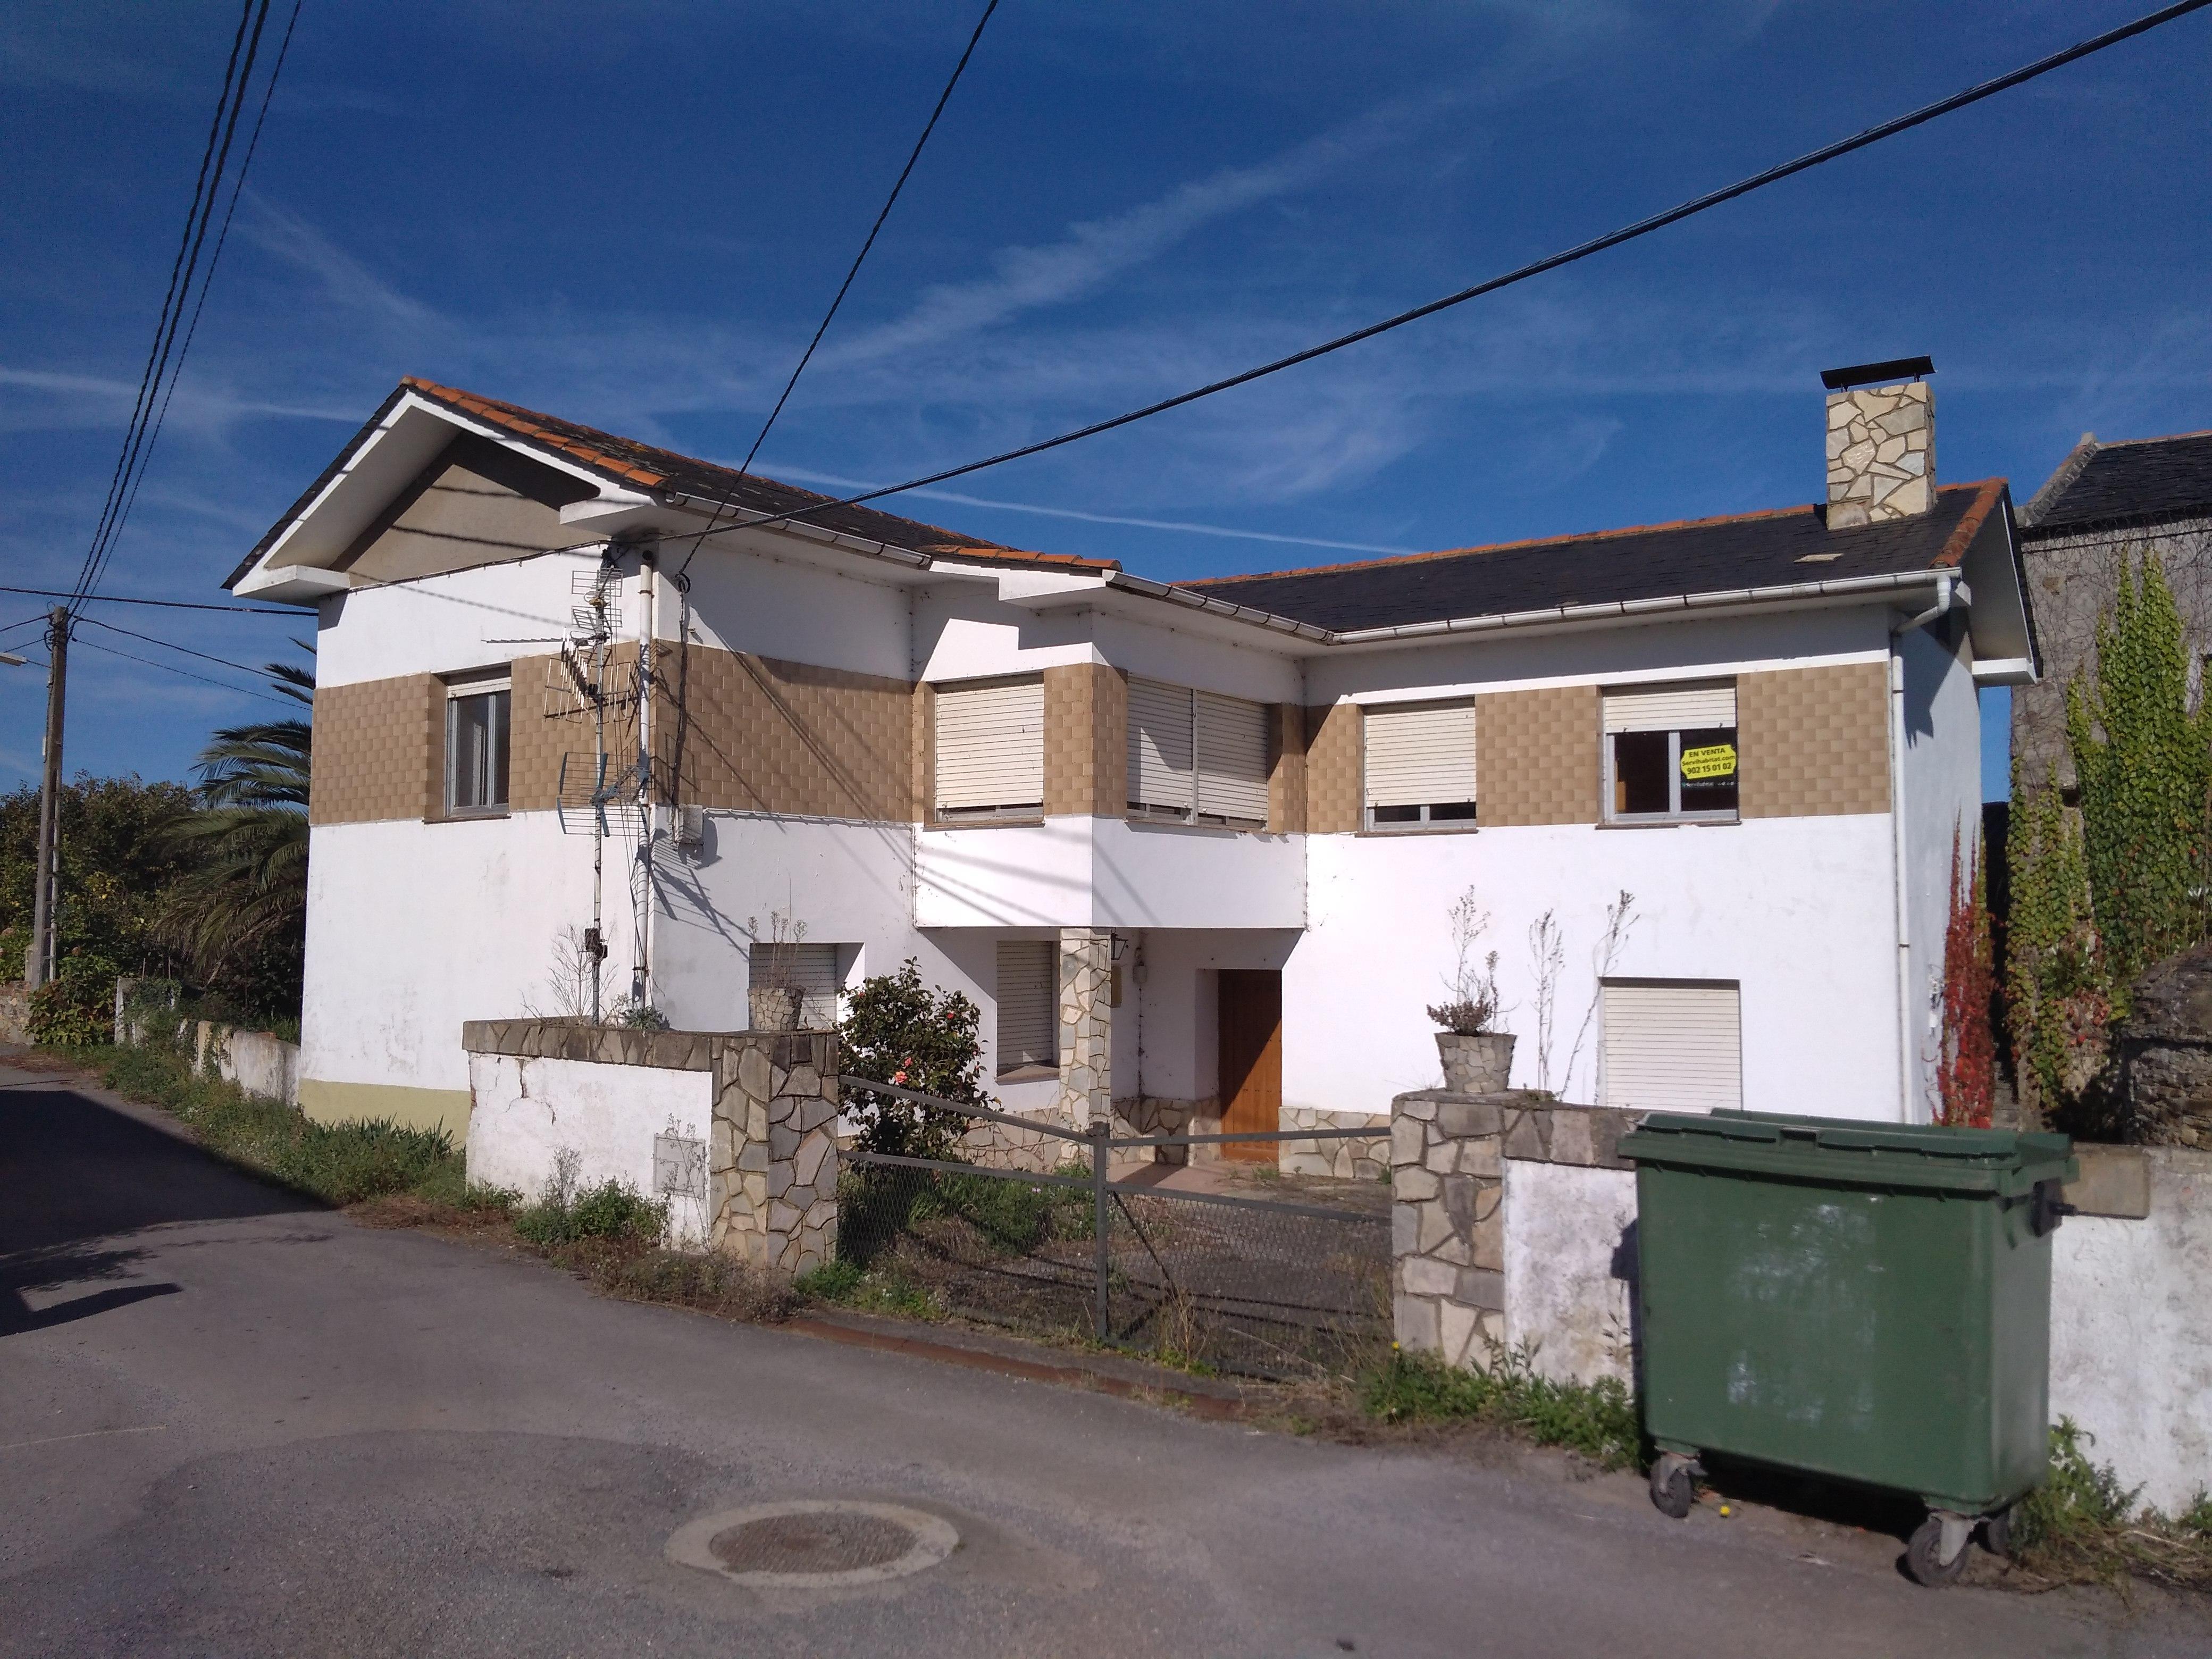 Casa en venta en Castropol, Asturias, Calle Casa Julian, 168.000 €, 5 habitaciones, 2 baños, 195 m2